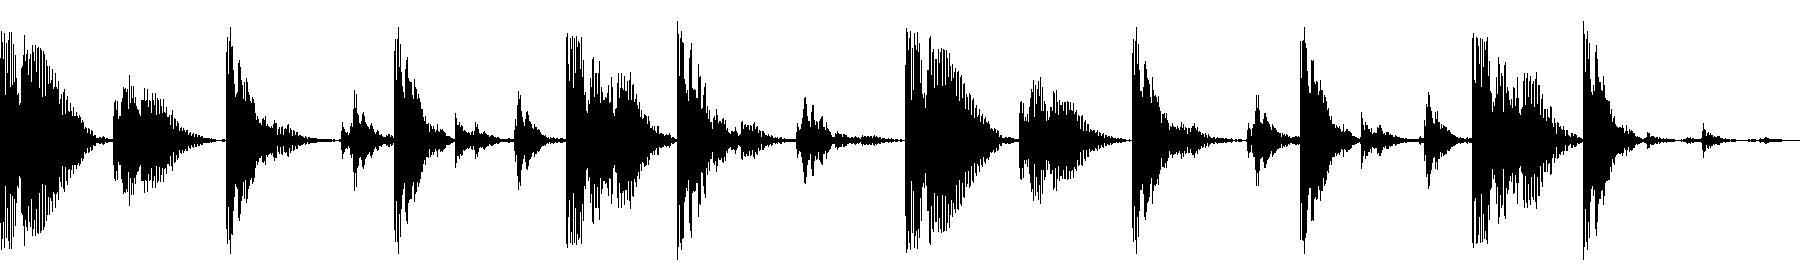 blbc electrodrums fx 95 03